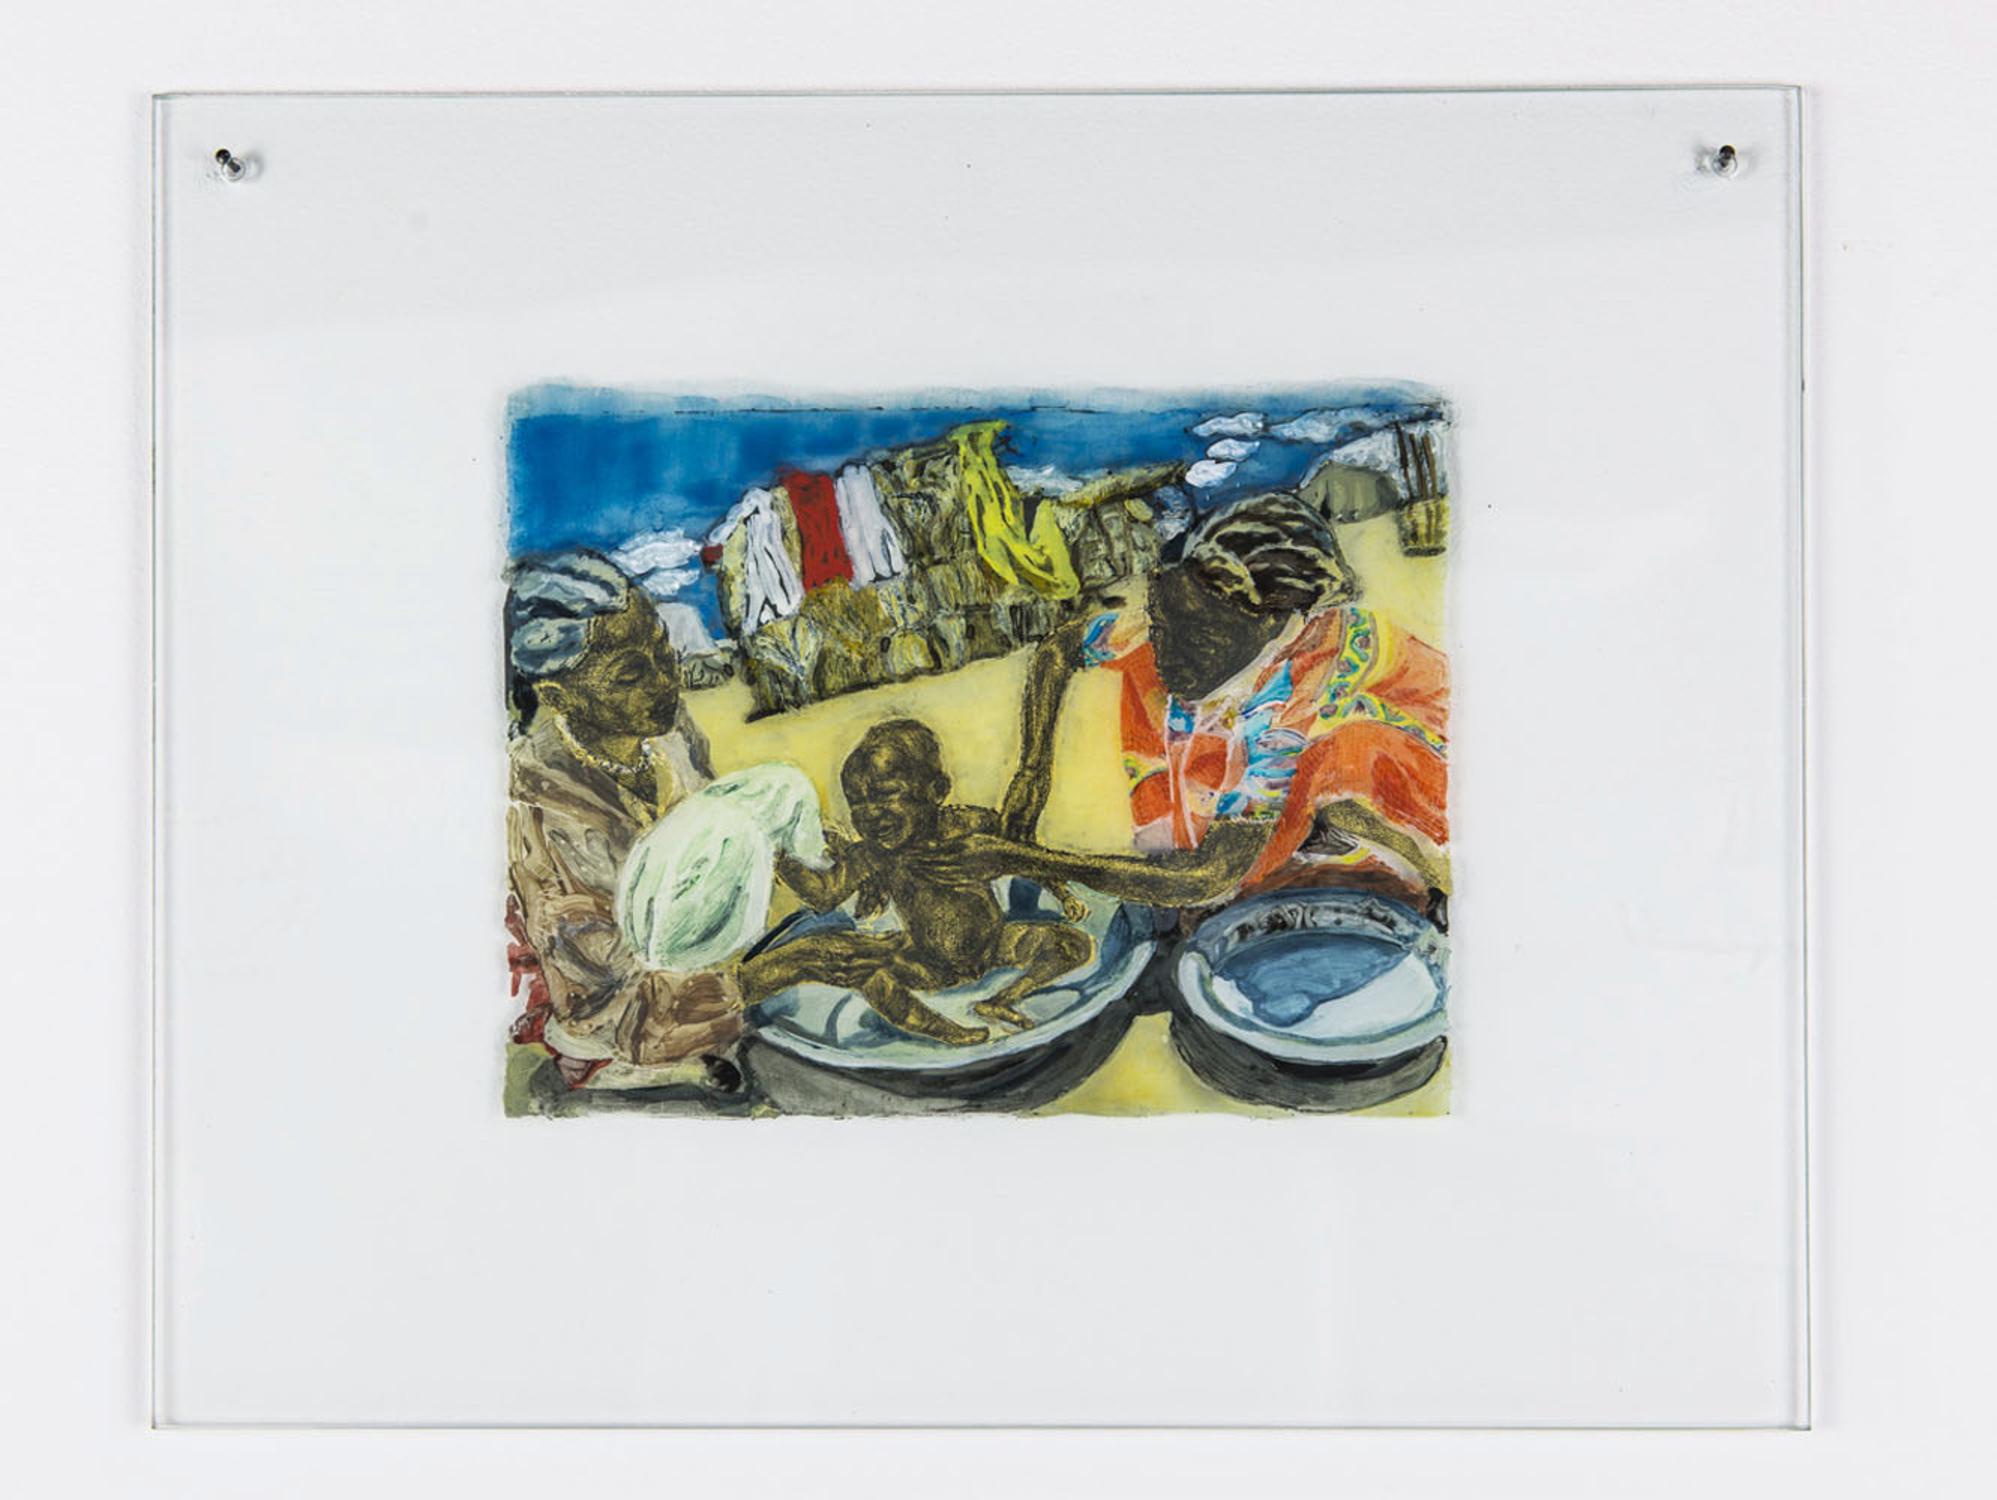 Kathrina Rudolph Hinterglasmalerei Afrika 724